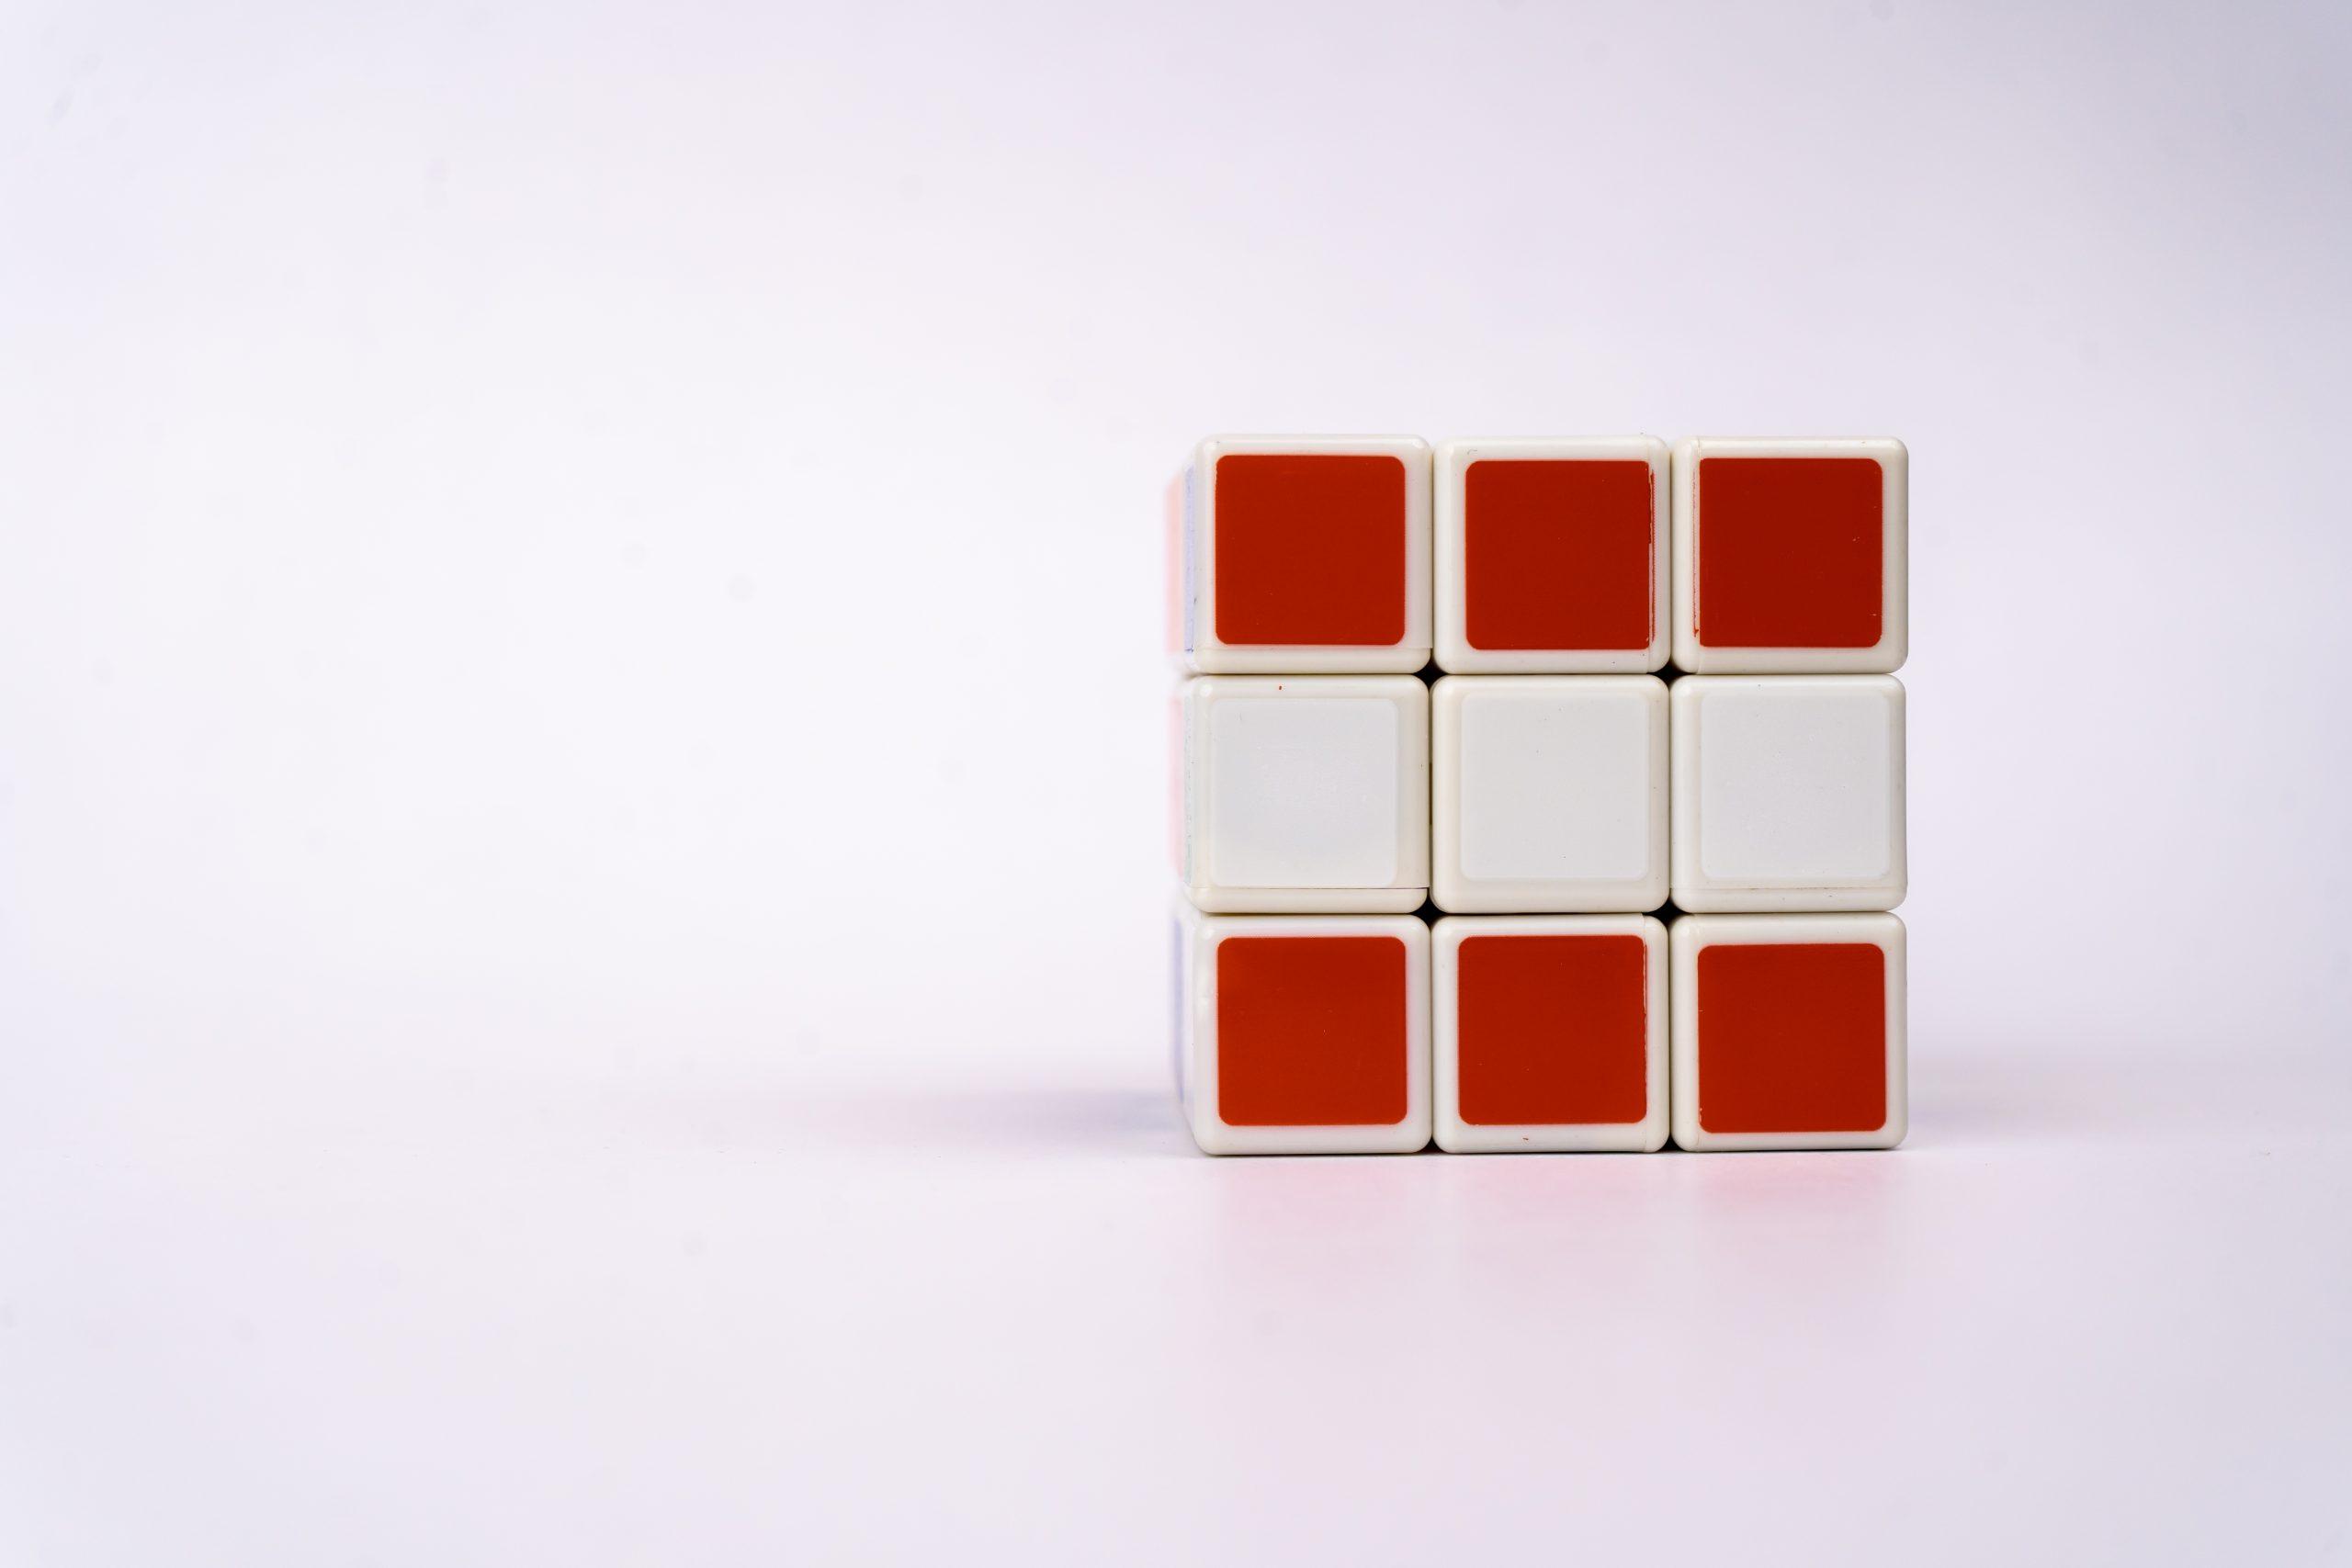 Austrian flag on Rubik cube